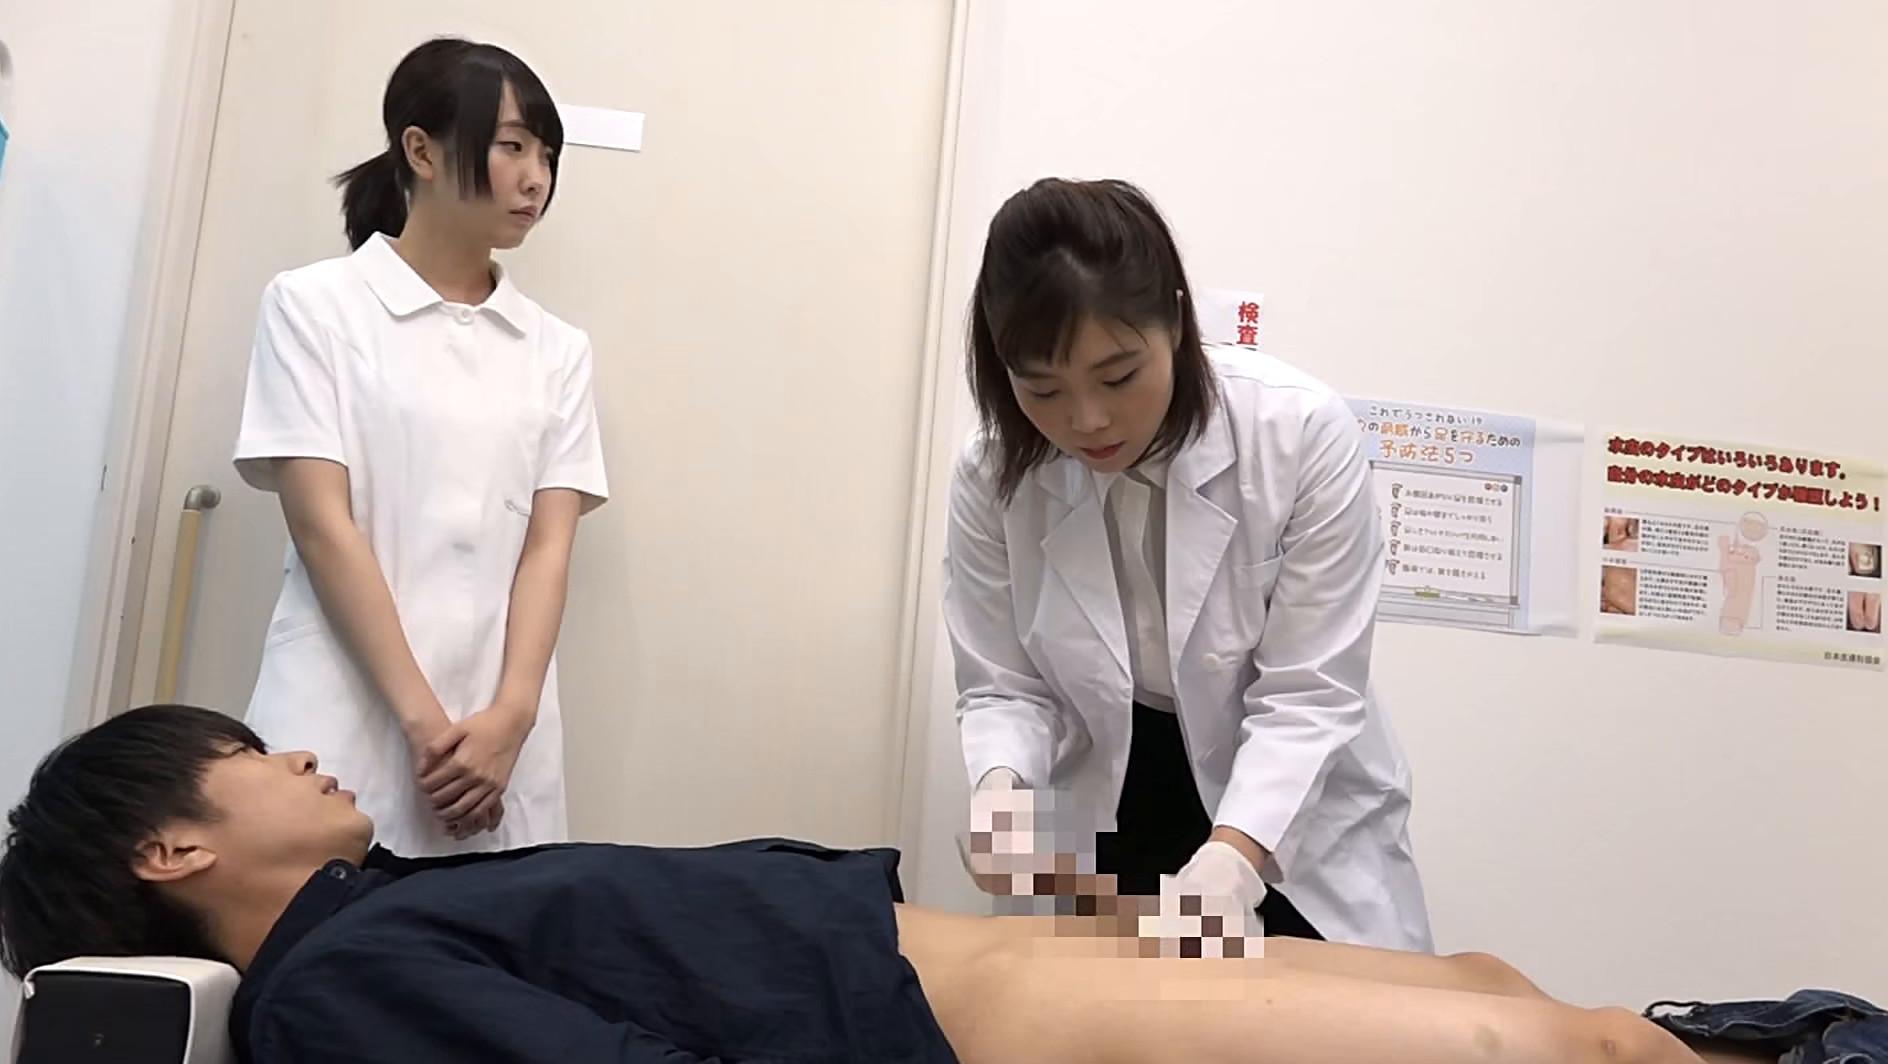 美人の先生がいる皮膚科に行って腫れたチンコを診てもらう流れでヌイてもらいたい総集編(3) 画像13